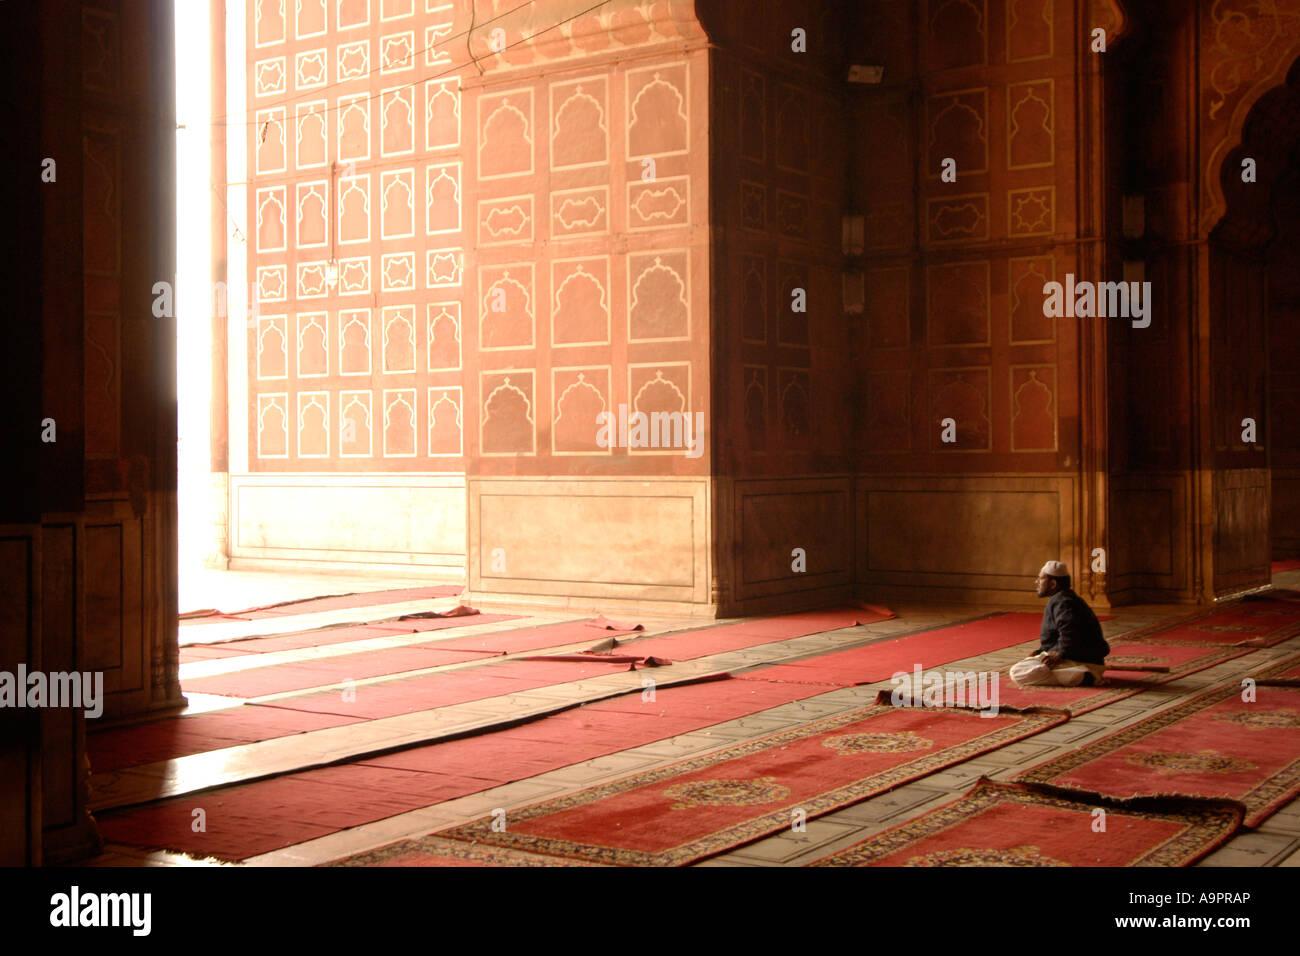 L'homme en prière, la Mosquée Jama Masjid (1656), New Delhi, Inde Photo Stock